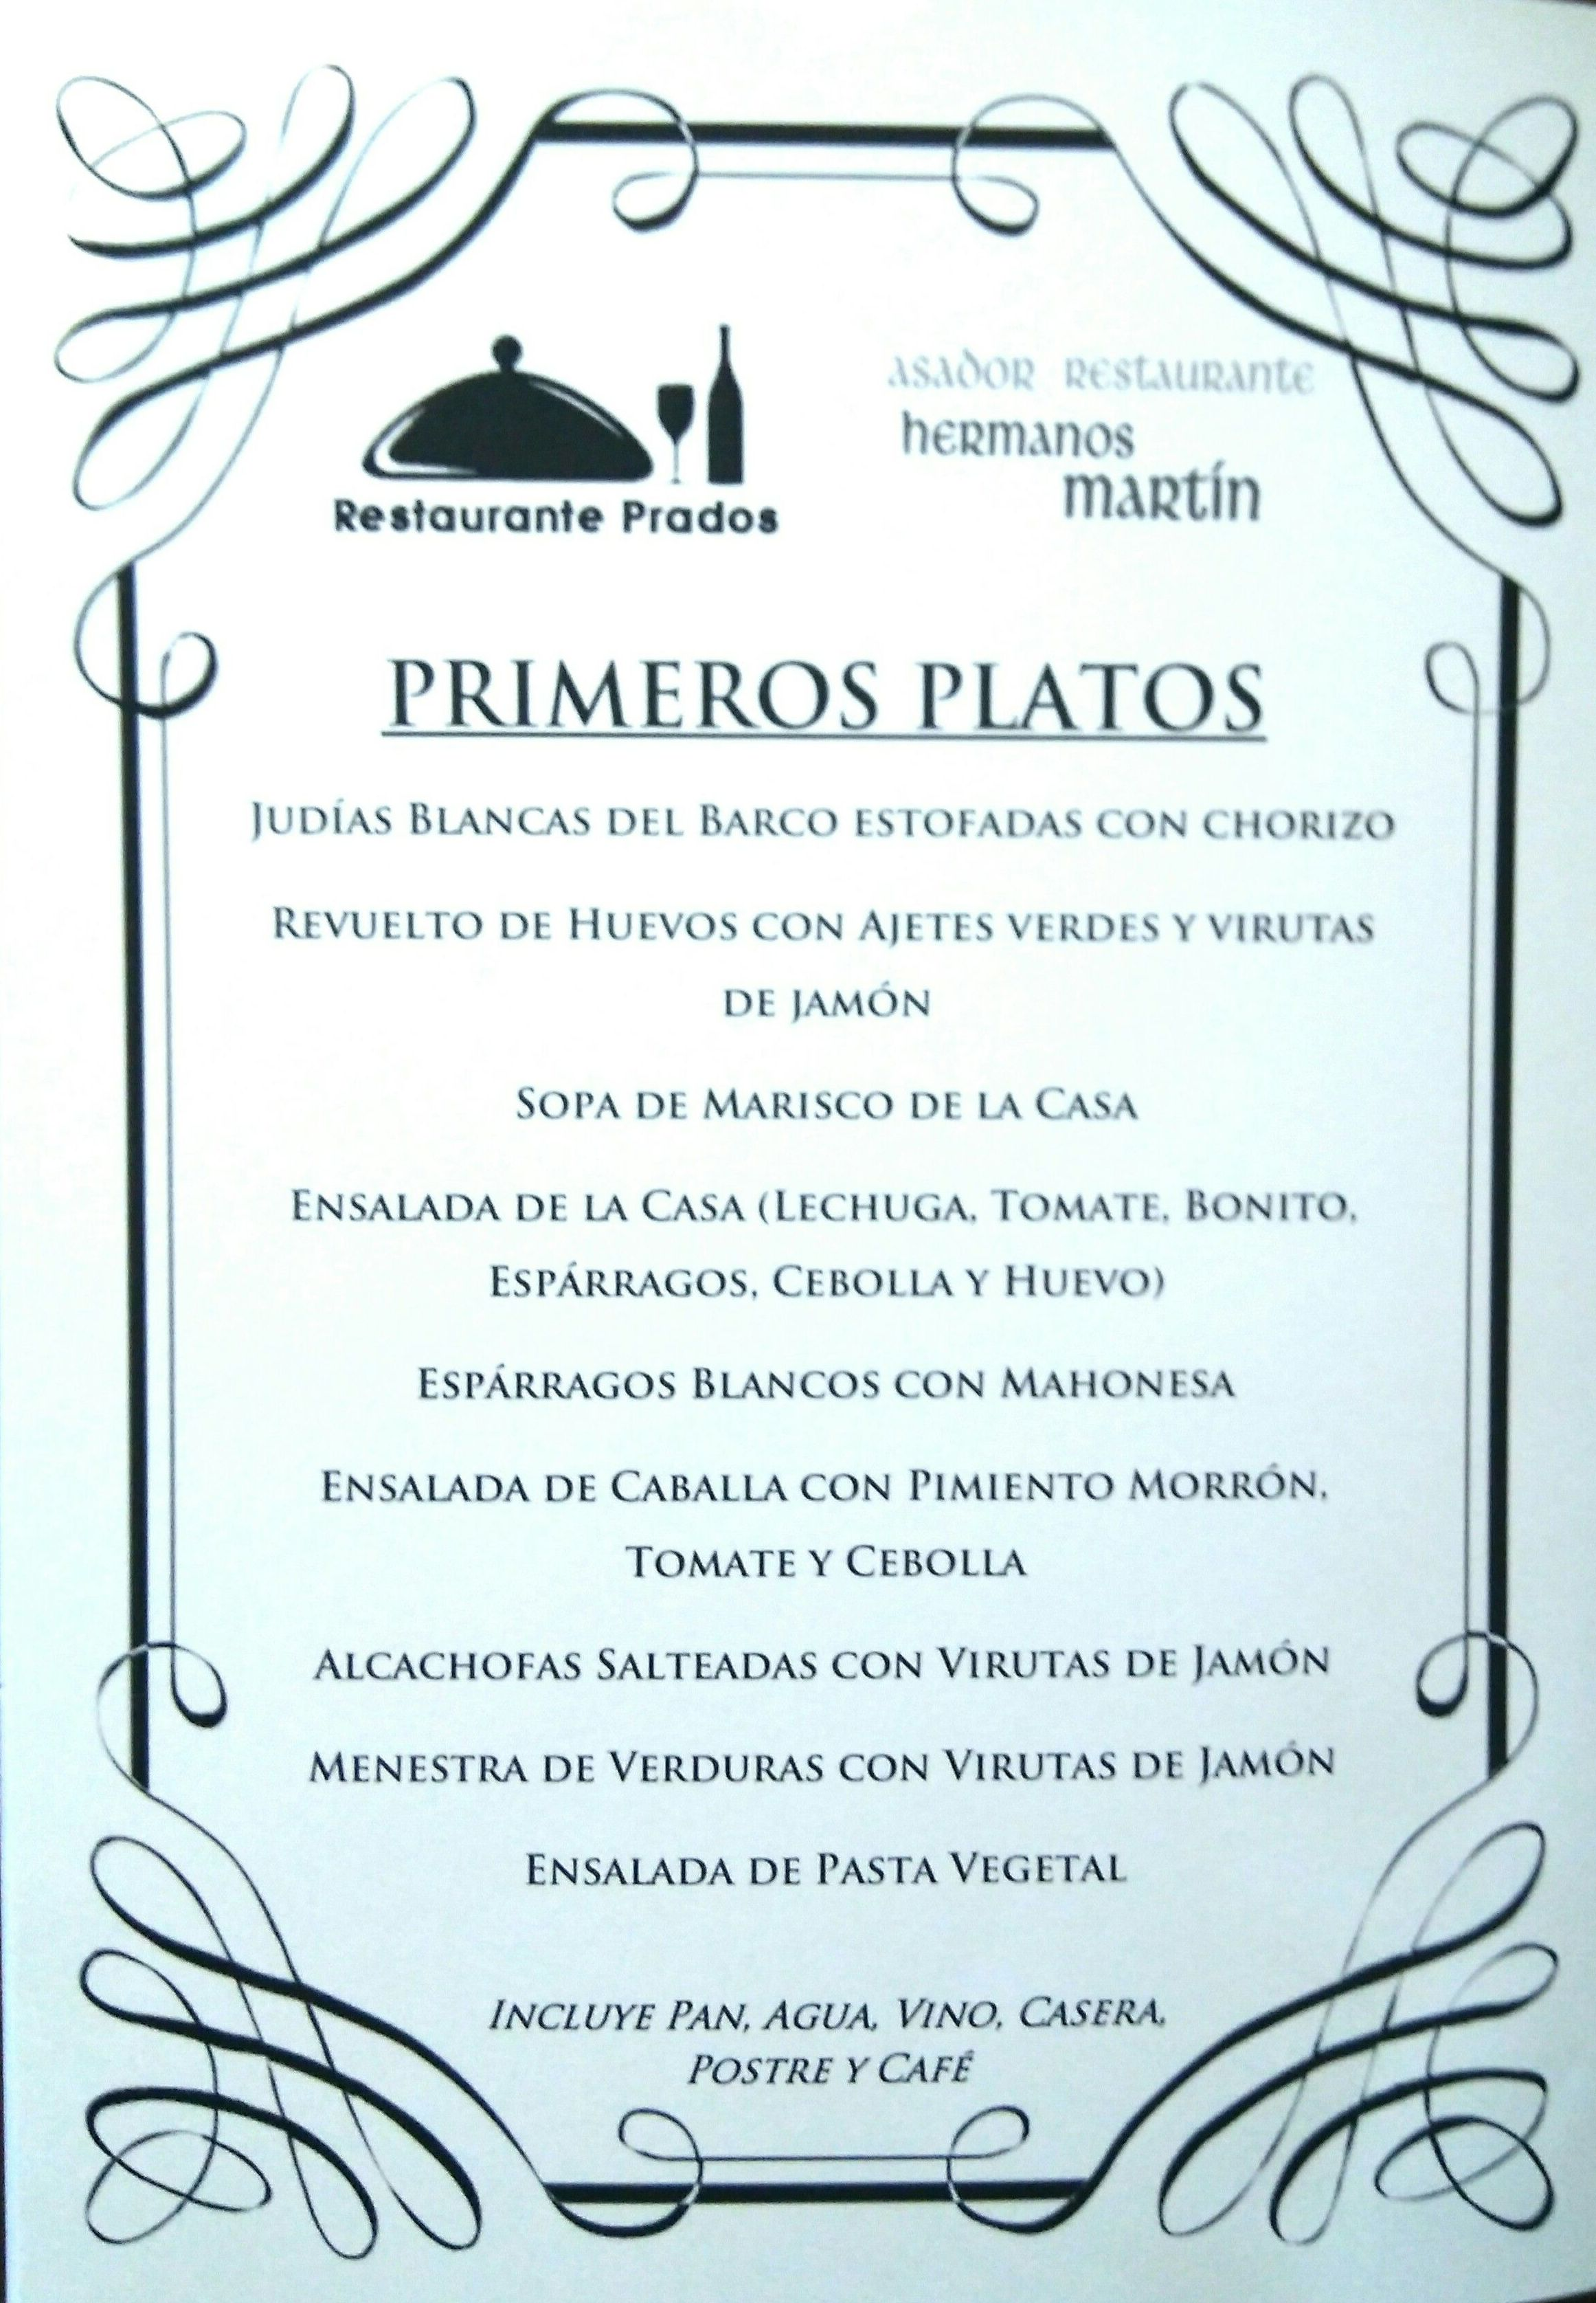 Menú del día por 10€: Restaurante de Asador Rte Hermanos Martín